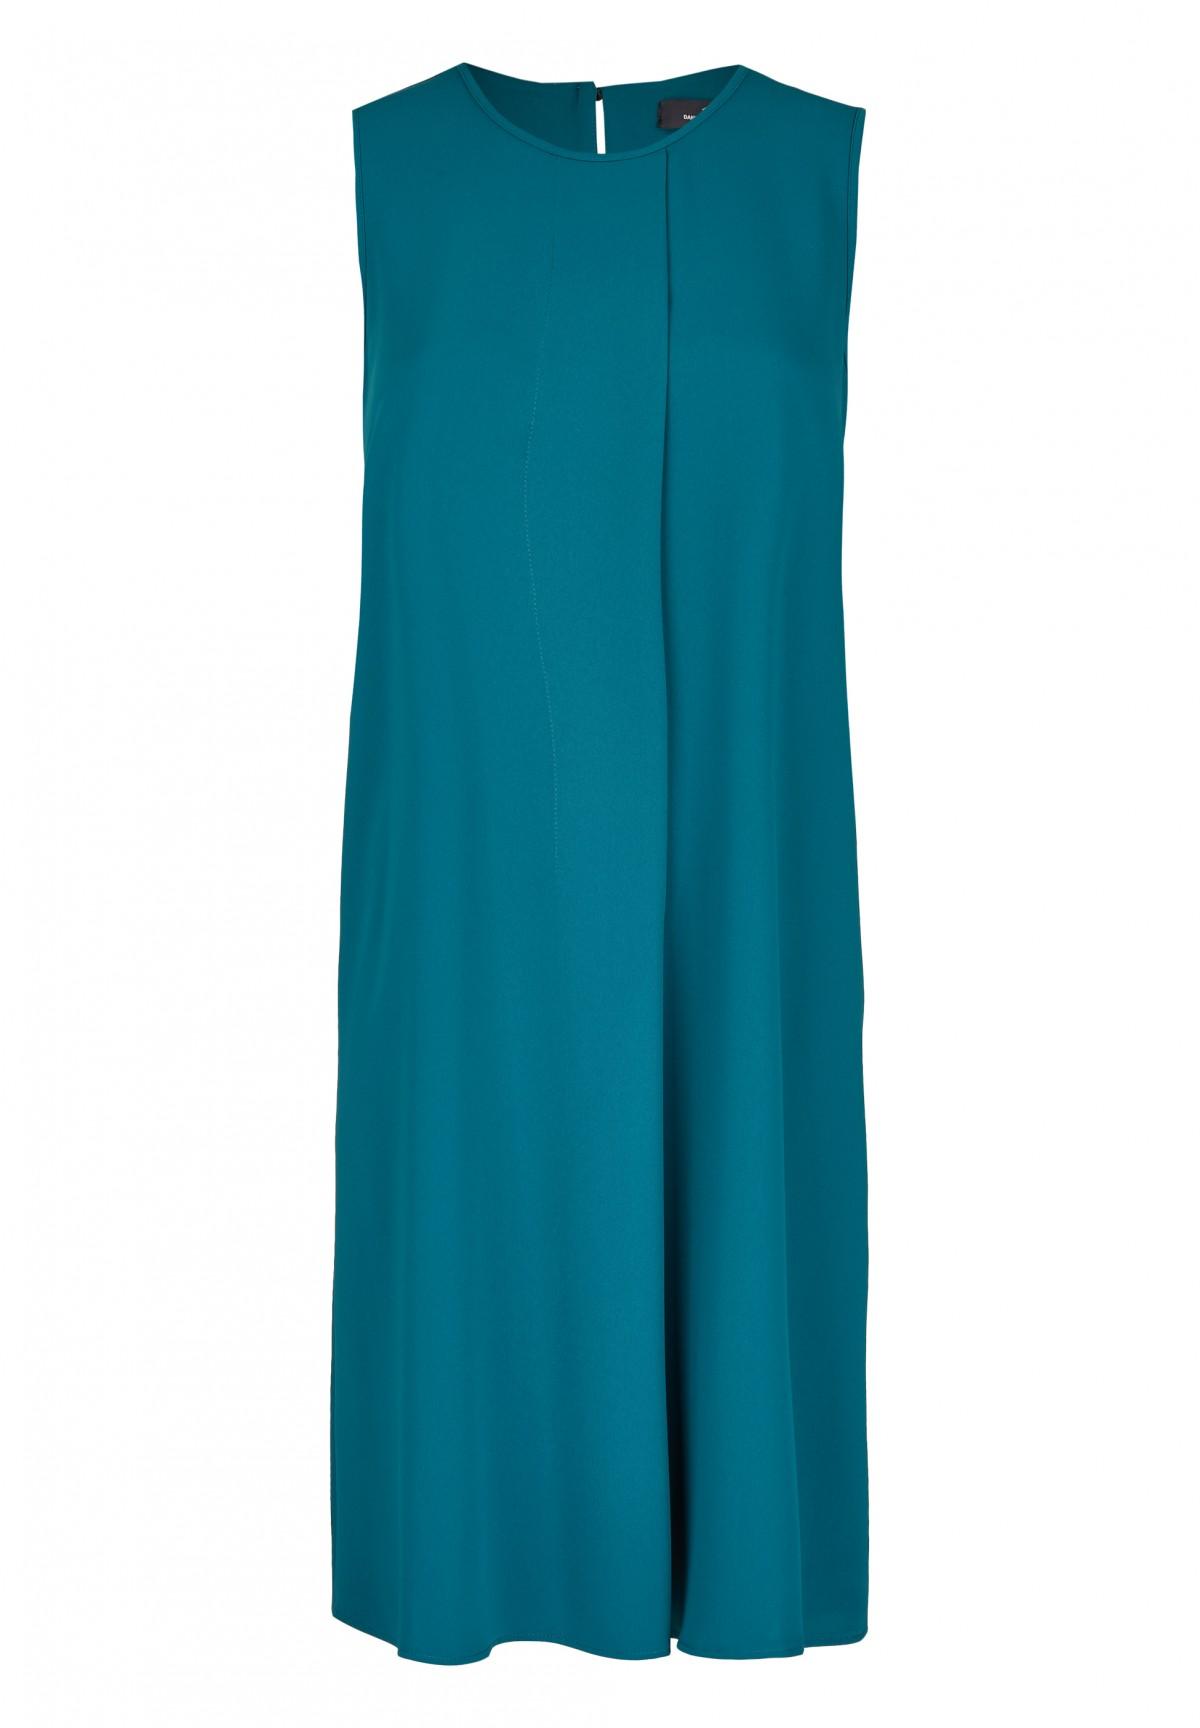 Elegantes Kleid mit geradem Schnitt / Dress